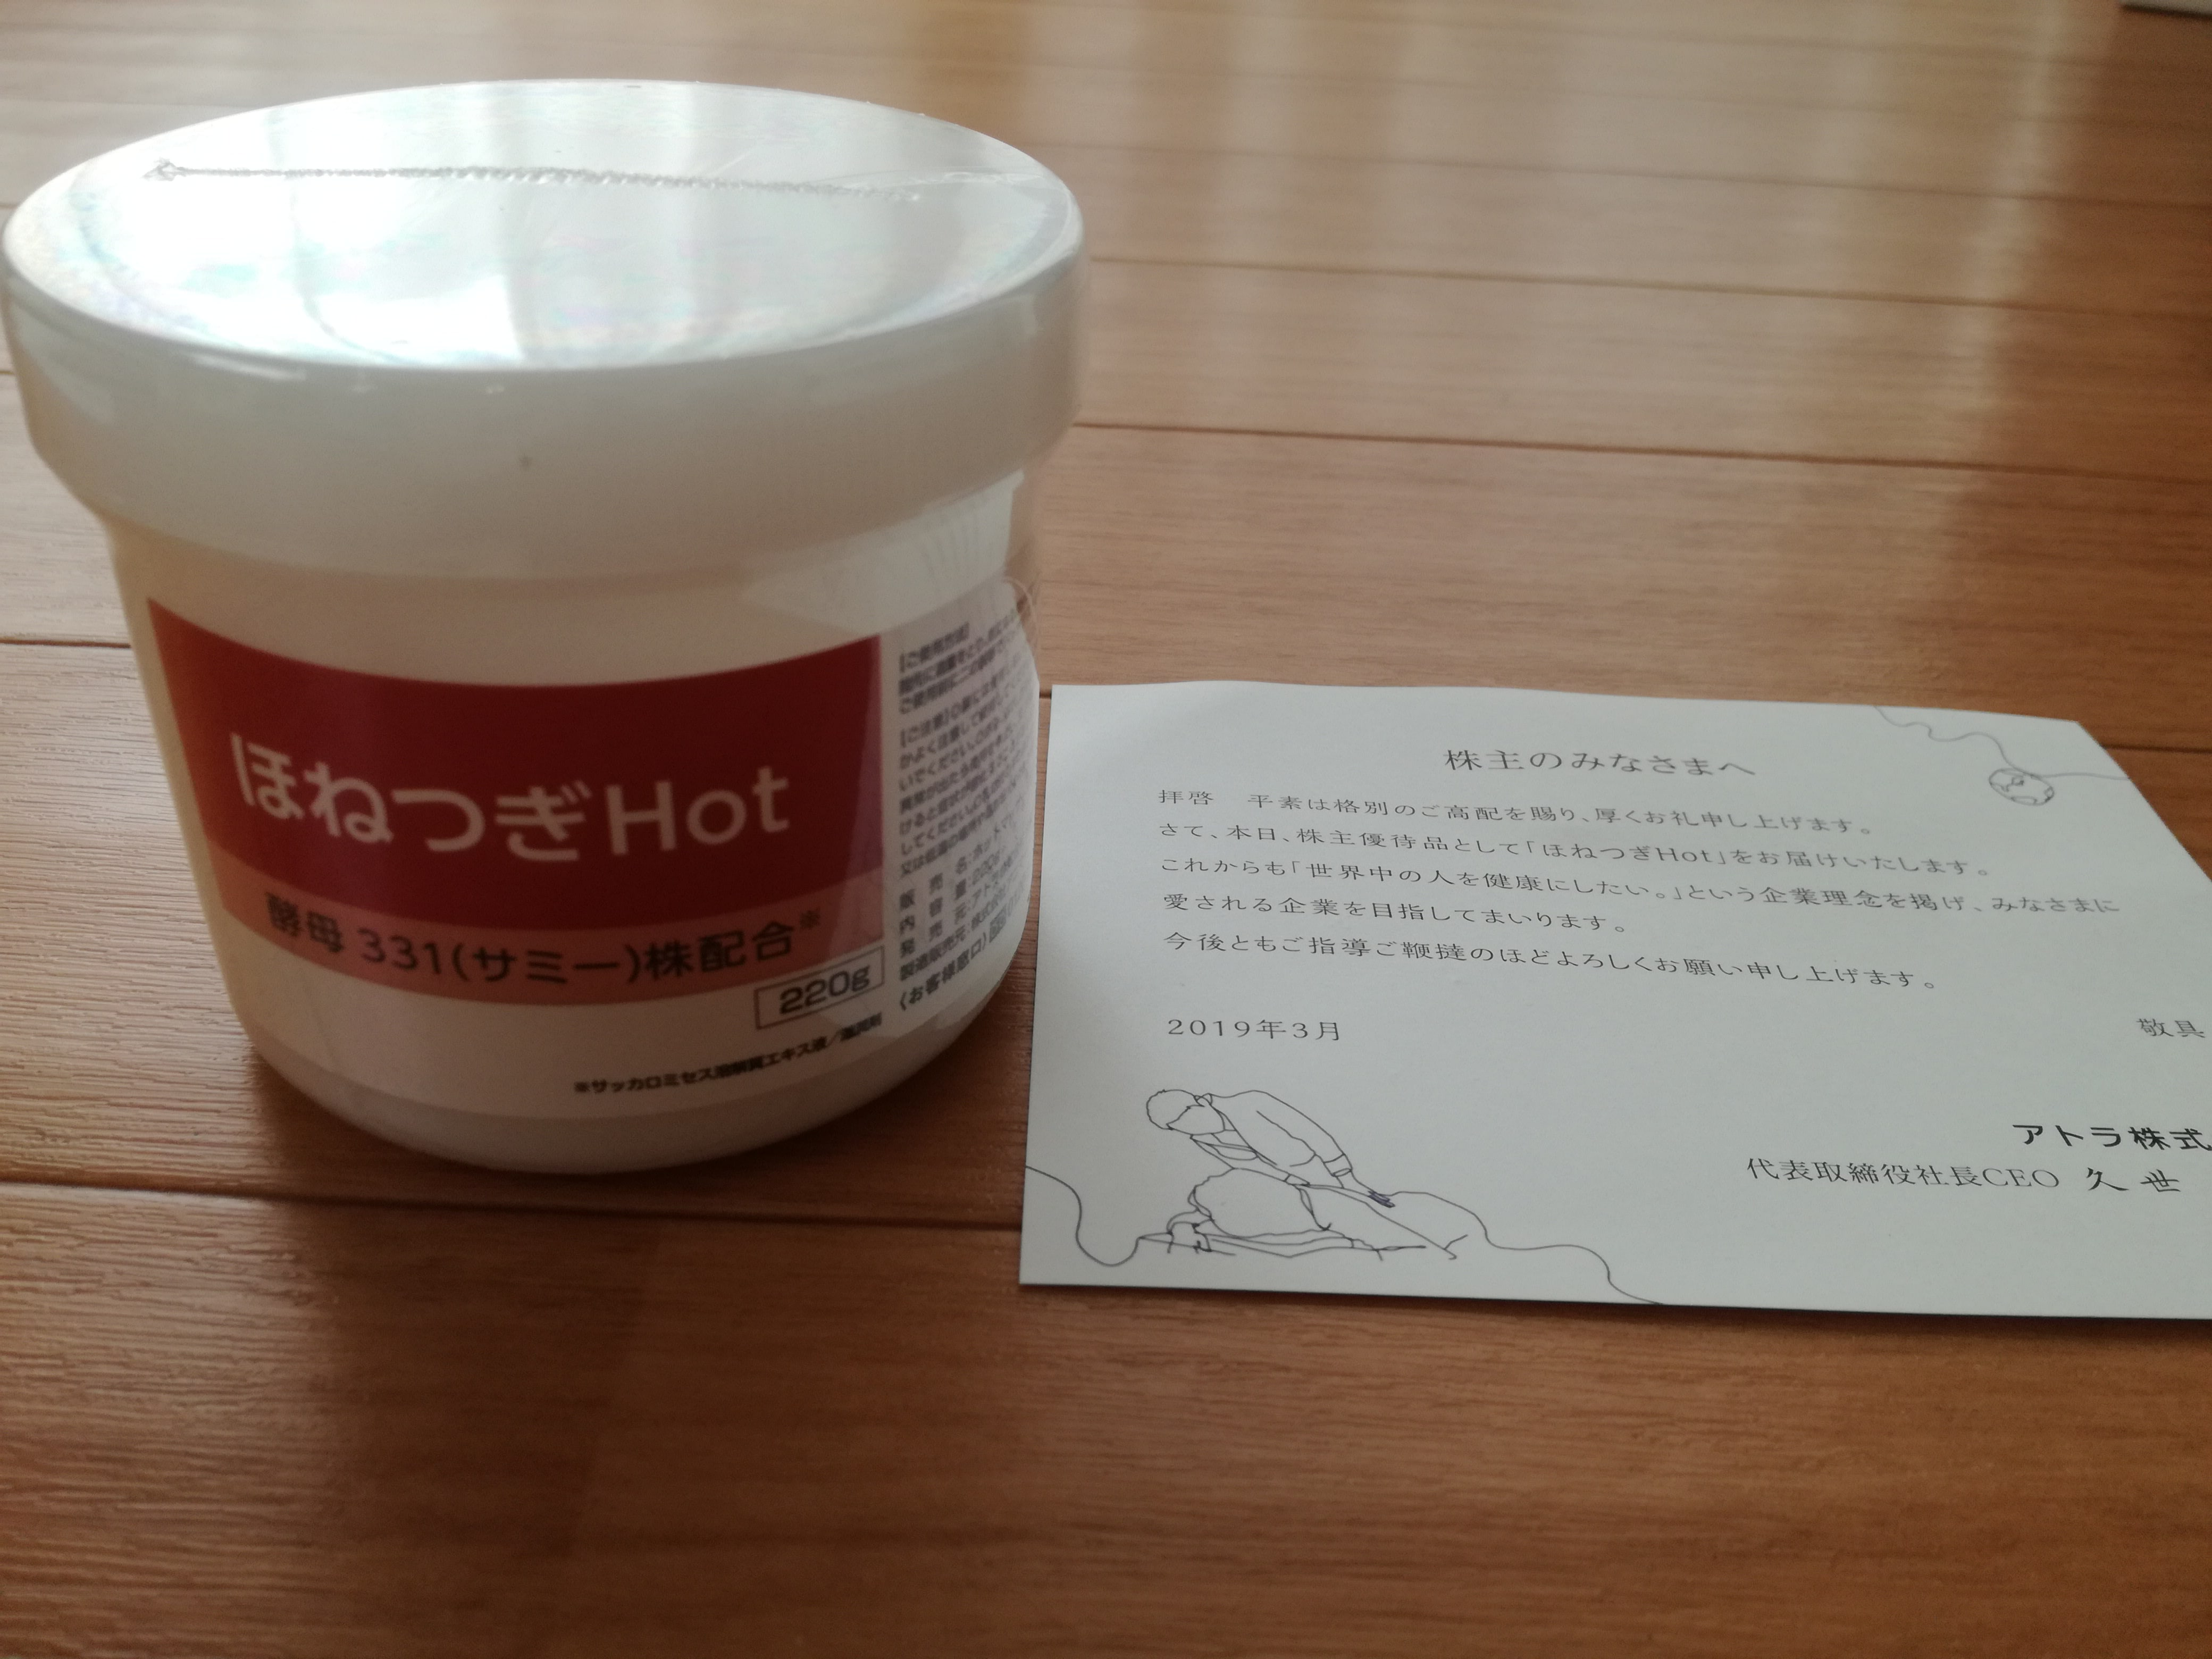 アトラ(6029)から4,000円相当のヘルスケア商品「ほねつぎHot」が到着!